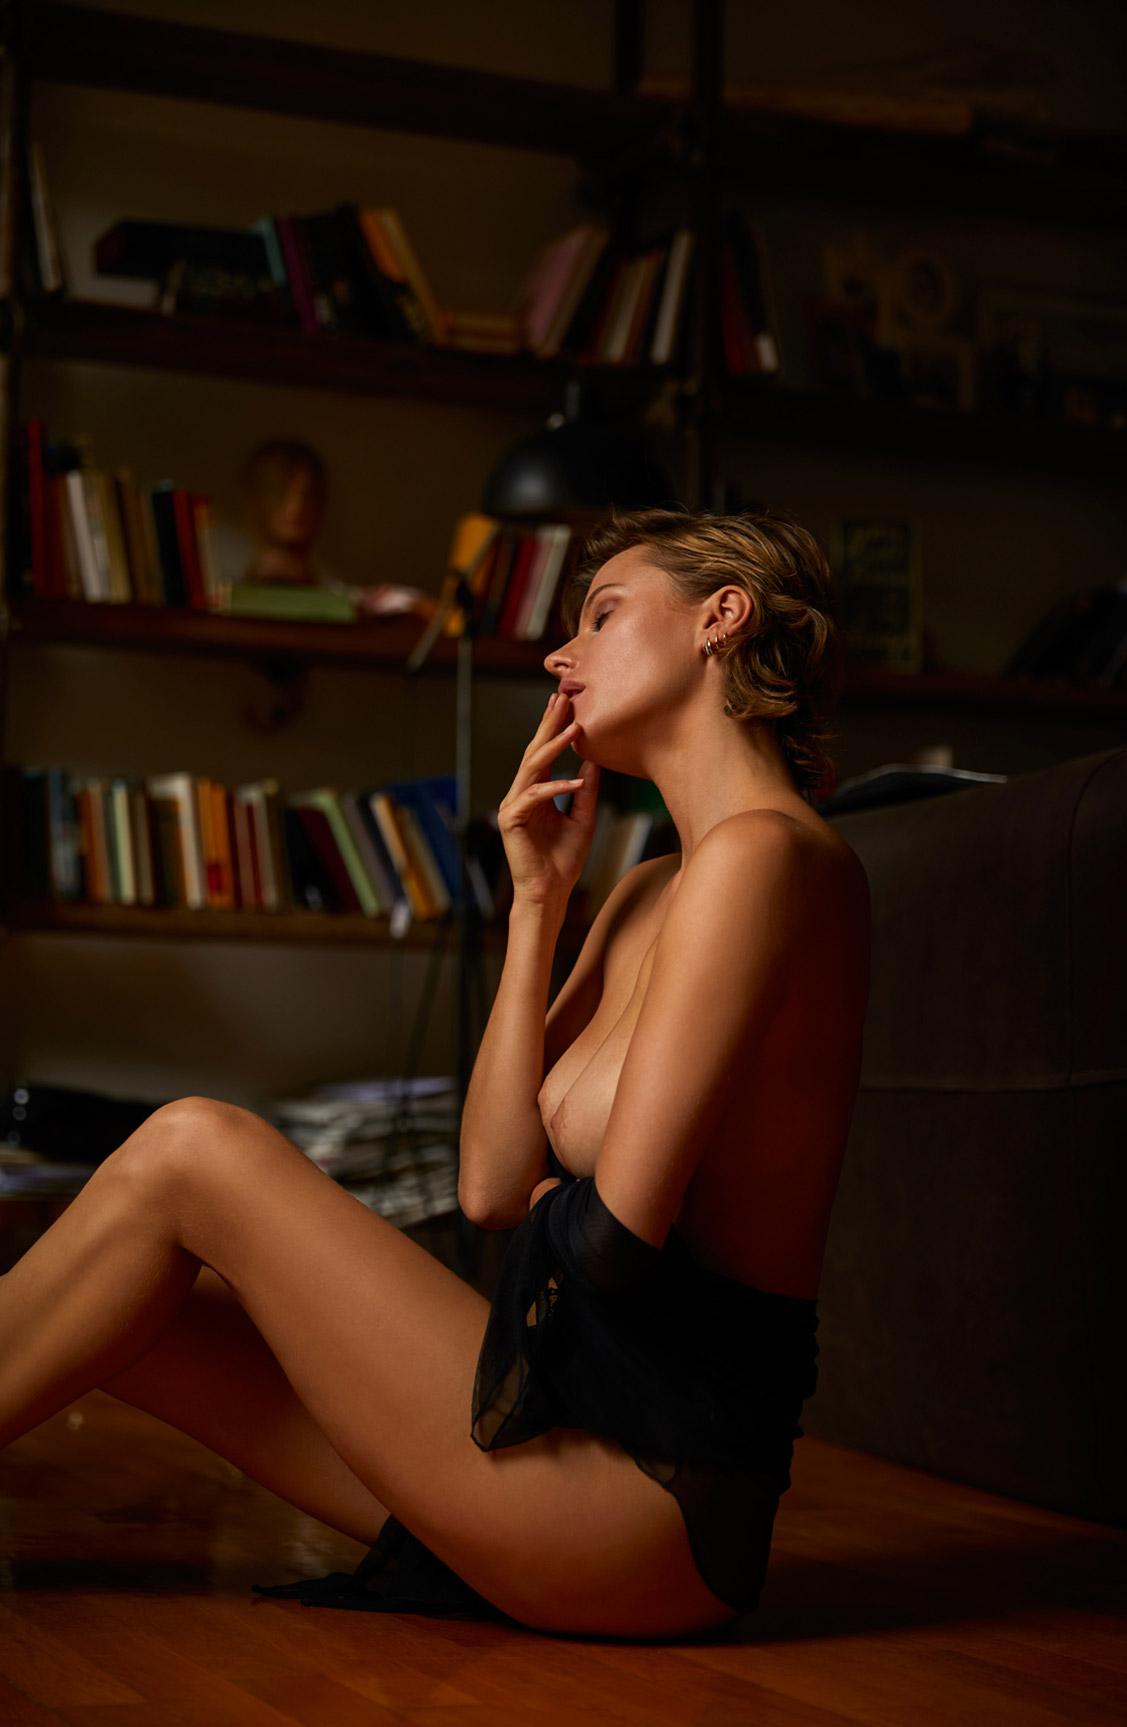 обнаженная Ольга де Мар ждет наступления темноты / фото 16